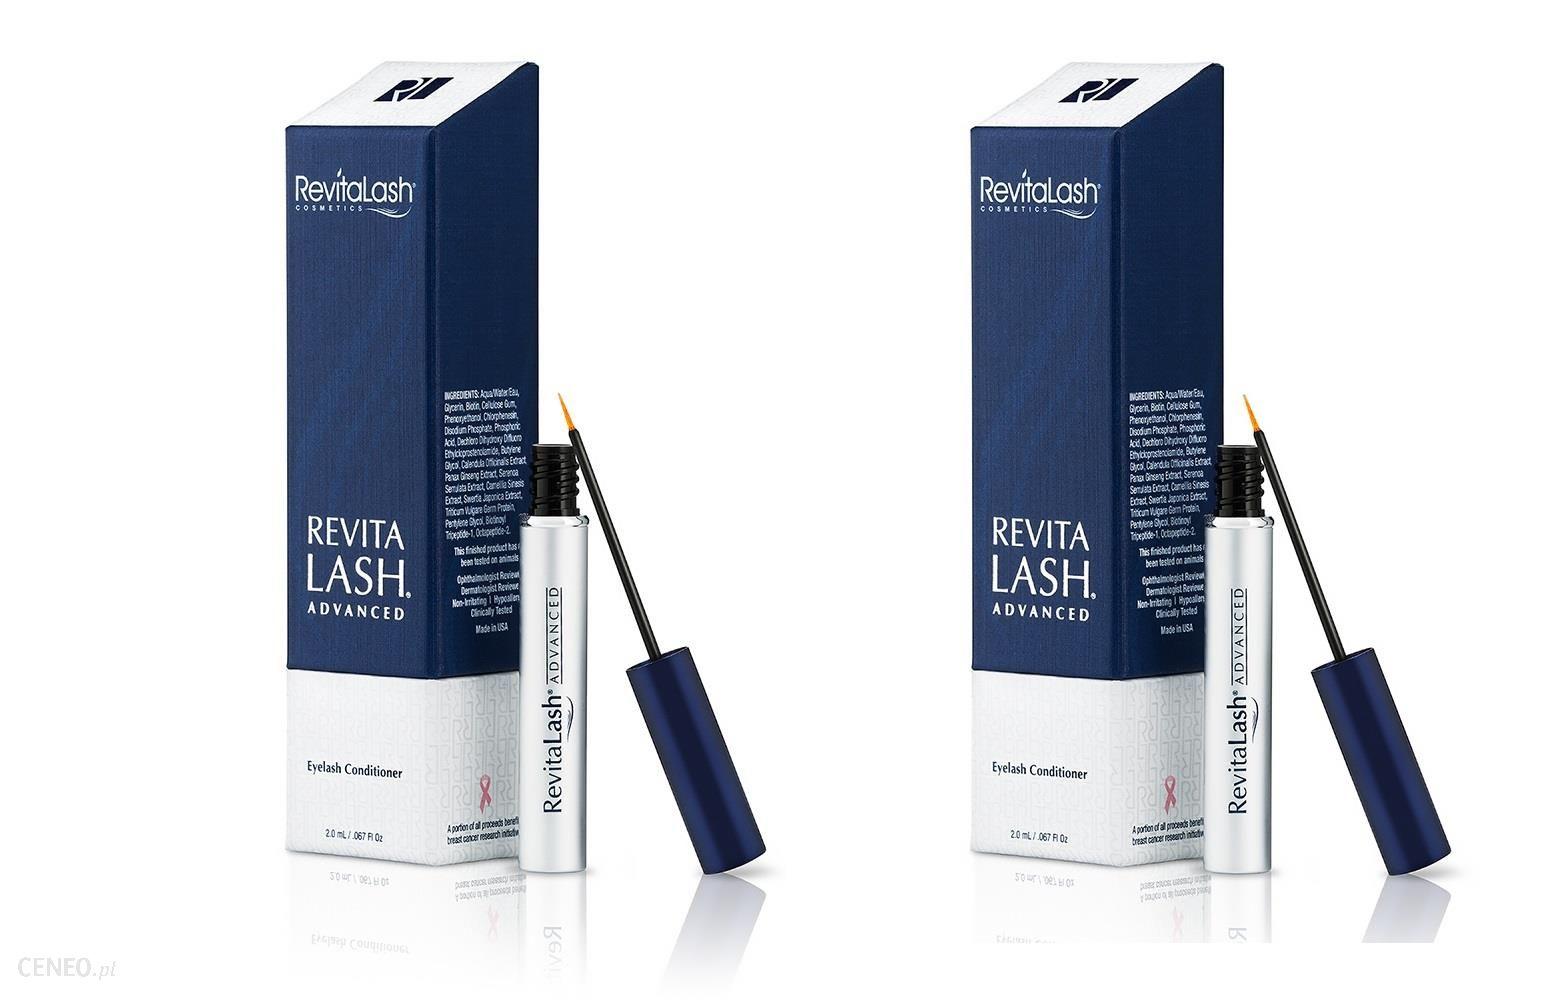 RevitaLash Eyelash Advanced odżywka pobudzająca wzrost rzęs 2x2ml